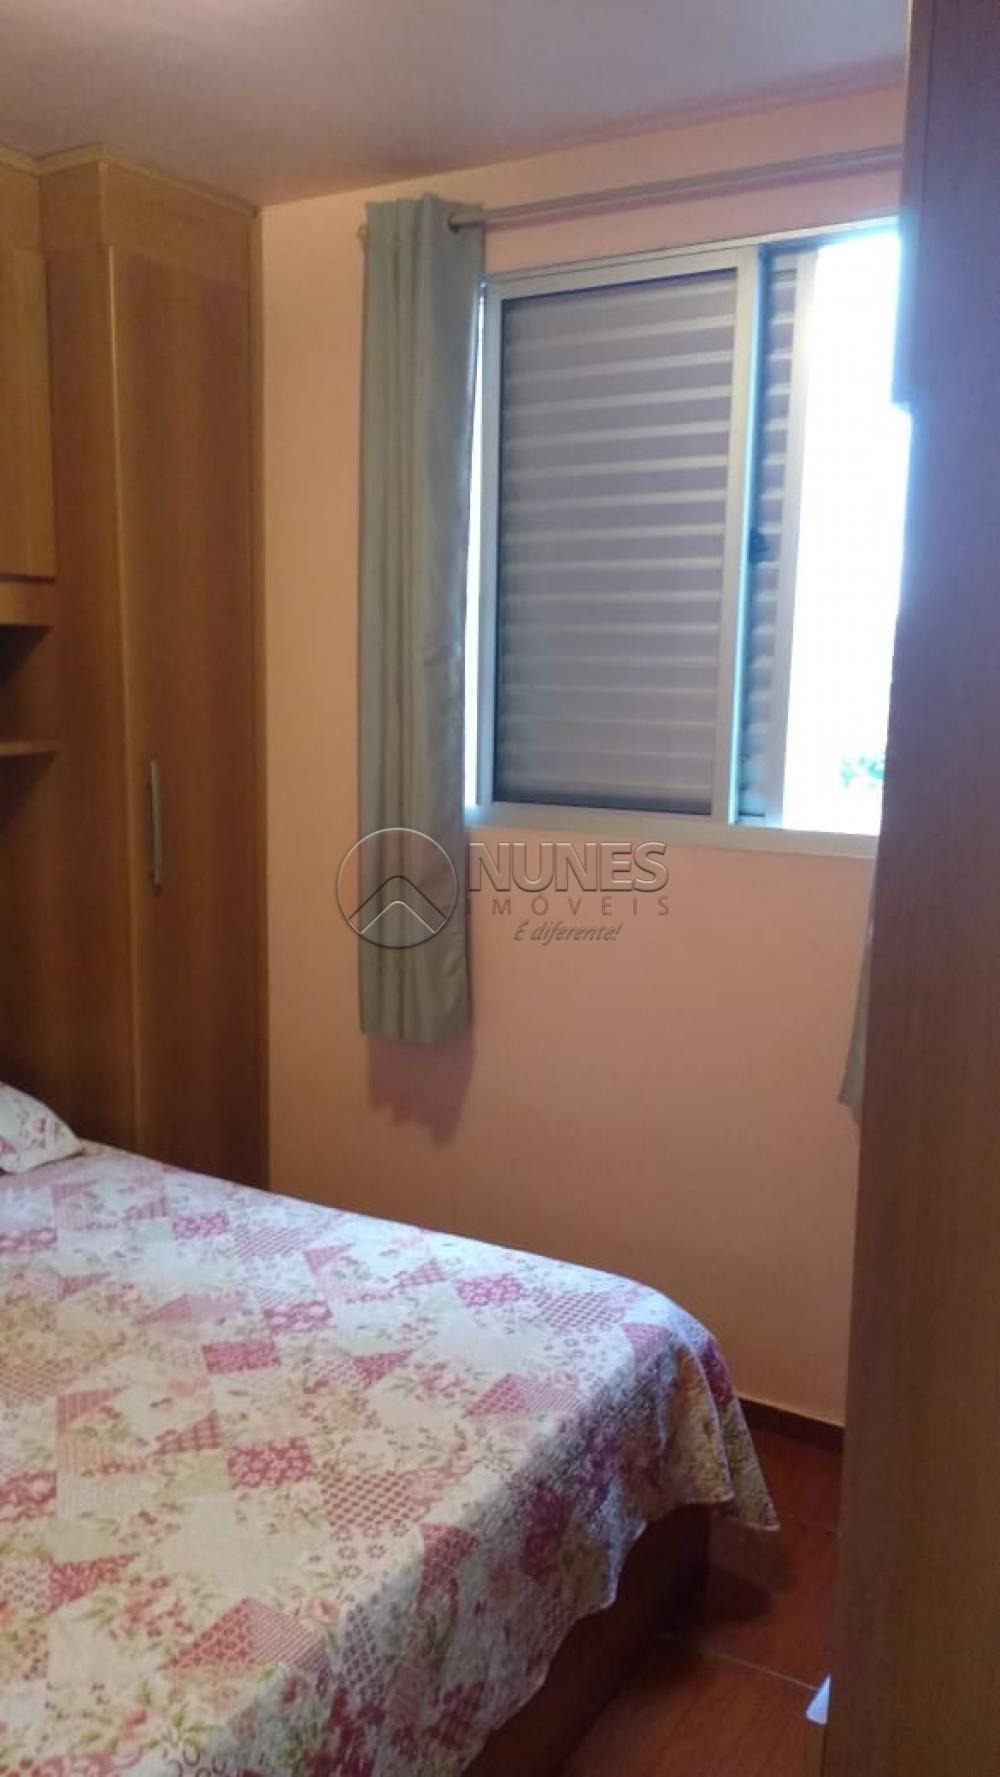 Comprar Apartamento / Padrão em Osasco apenas R$ 240.000,00 - Foto 13